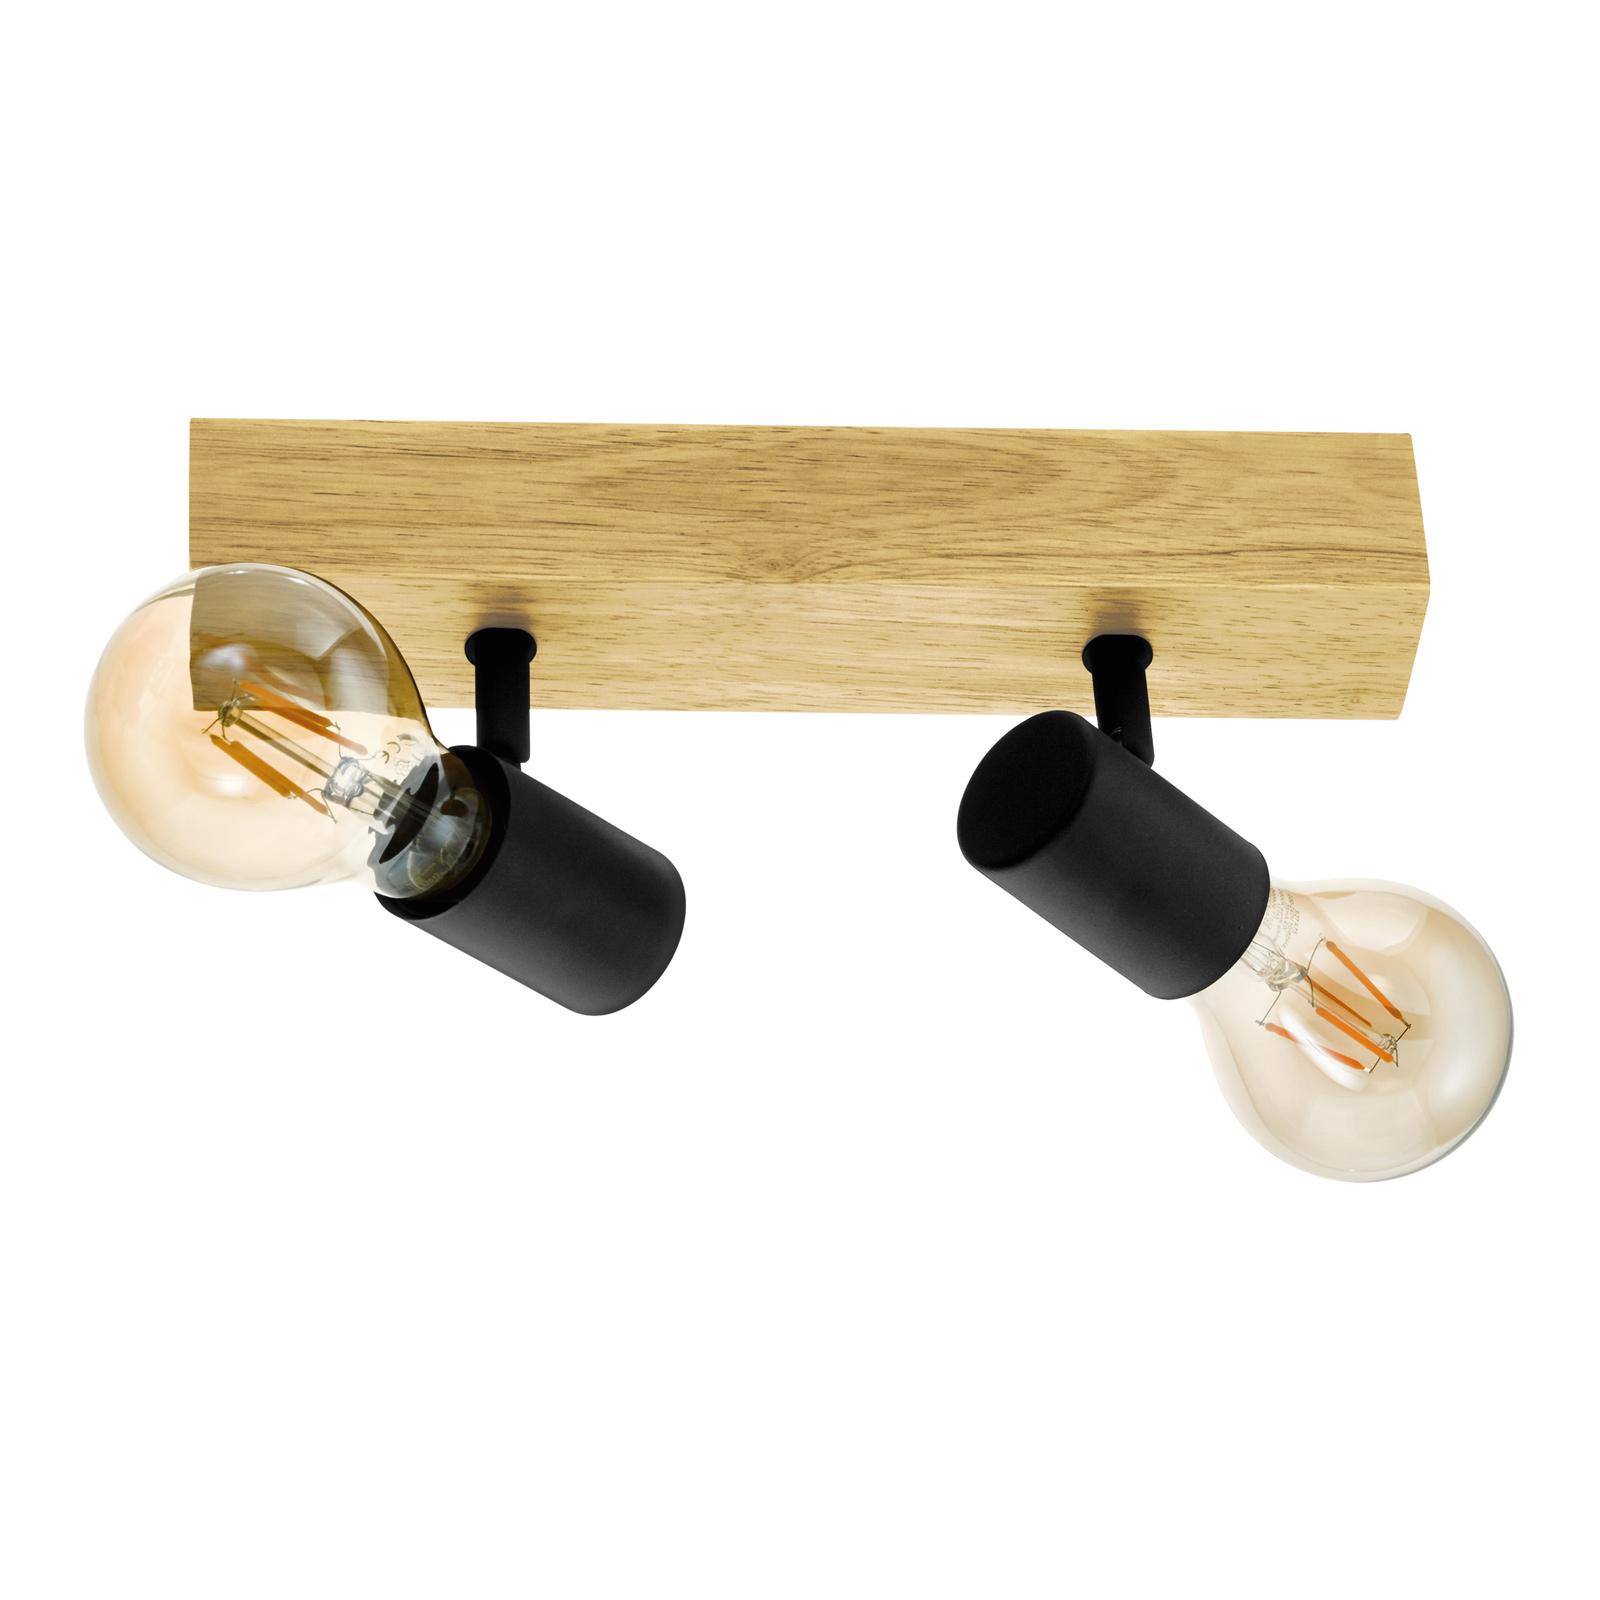 Plafonnier Townshend 3 en bois à 2 lampes